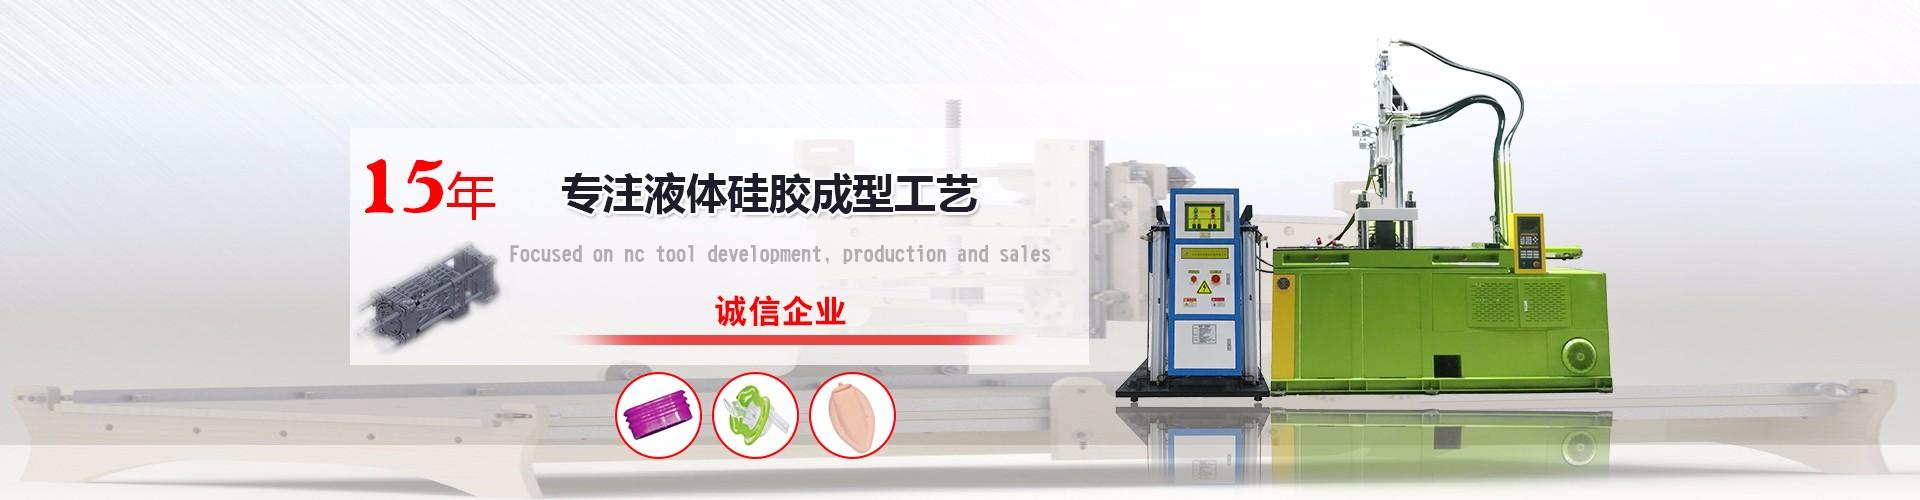 廣州液態硅膠成型機廠家,用技術贏得客戶,用質量證明信譽